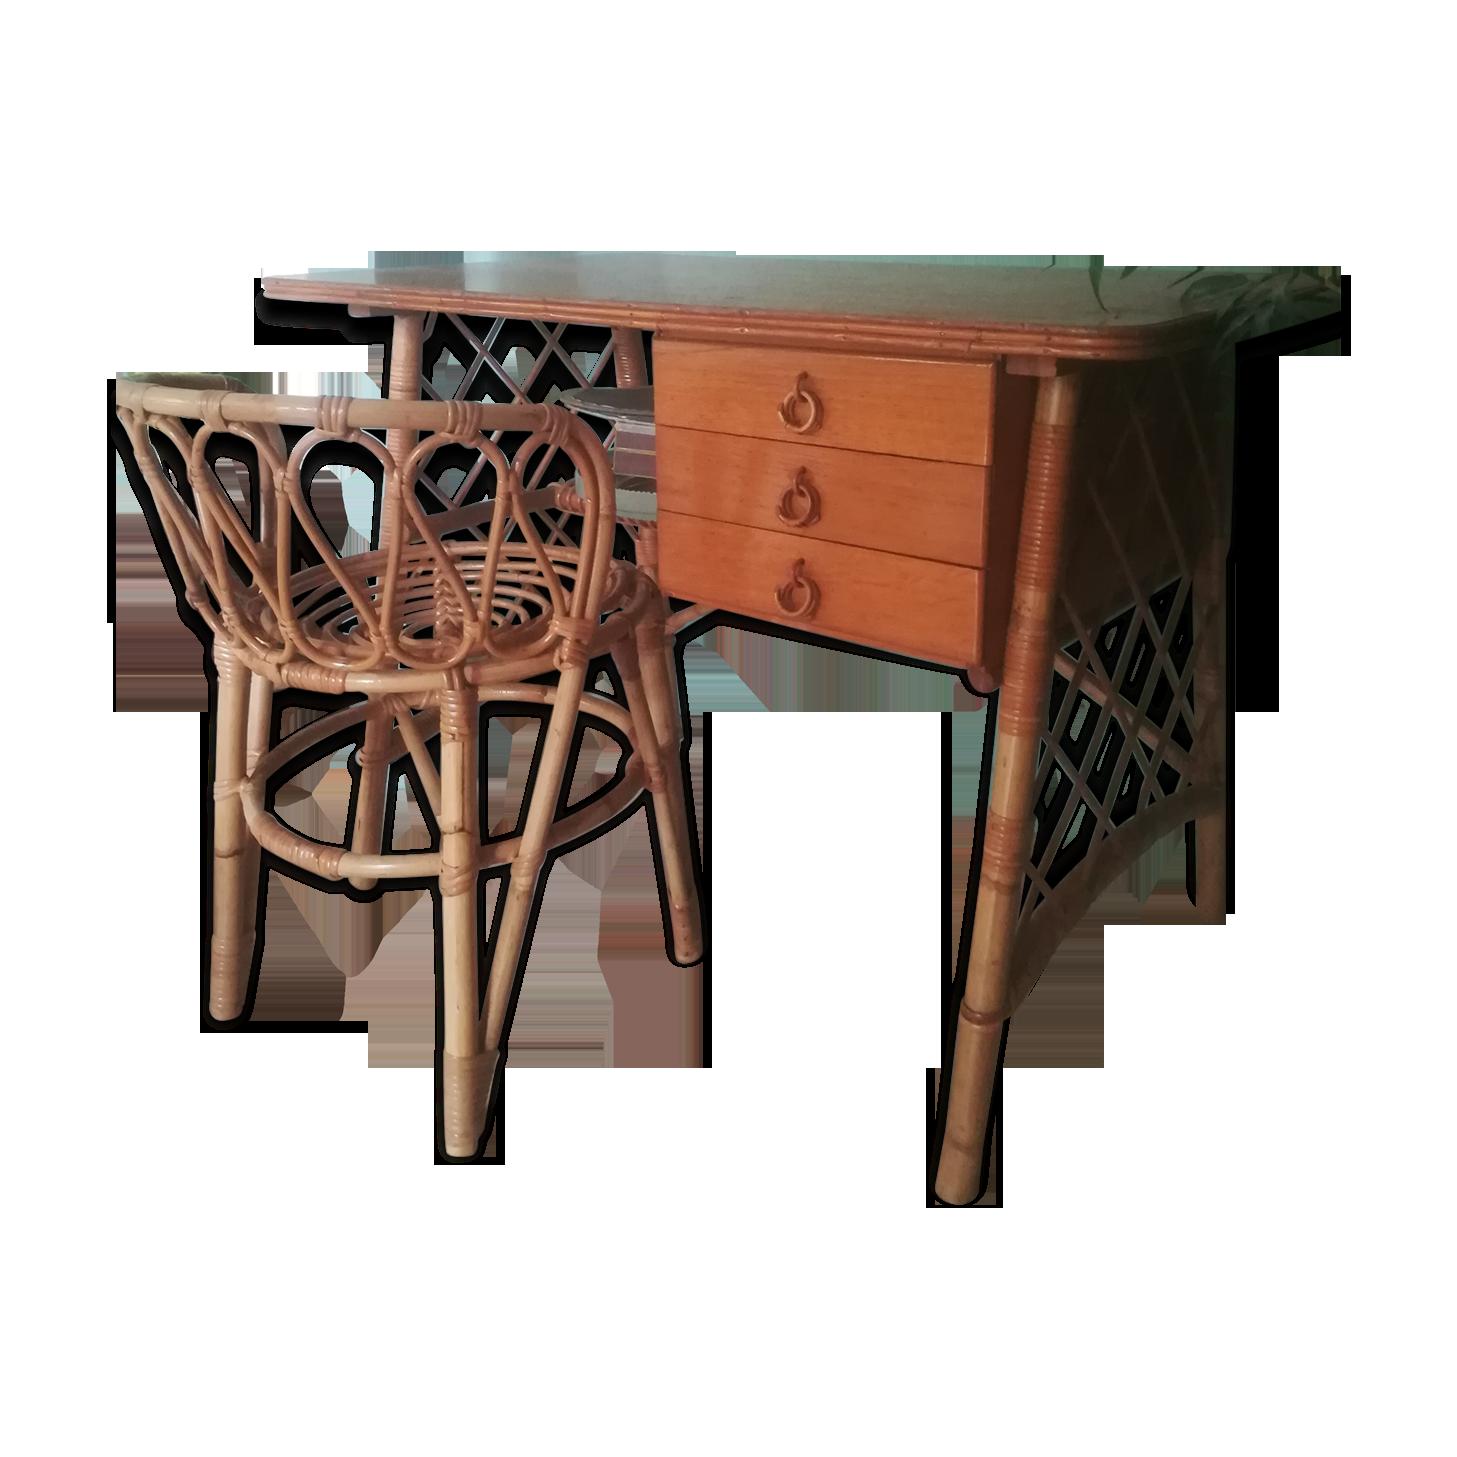 Chaise en osier et bureau de rotin sur le patio image stock